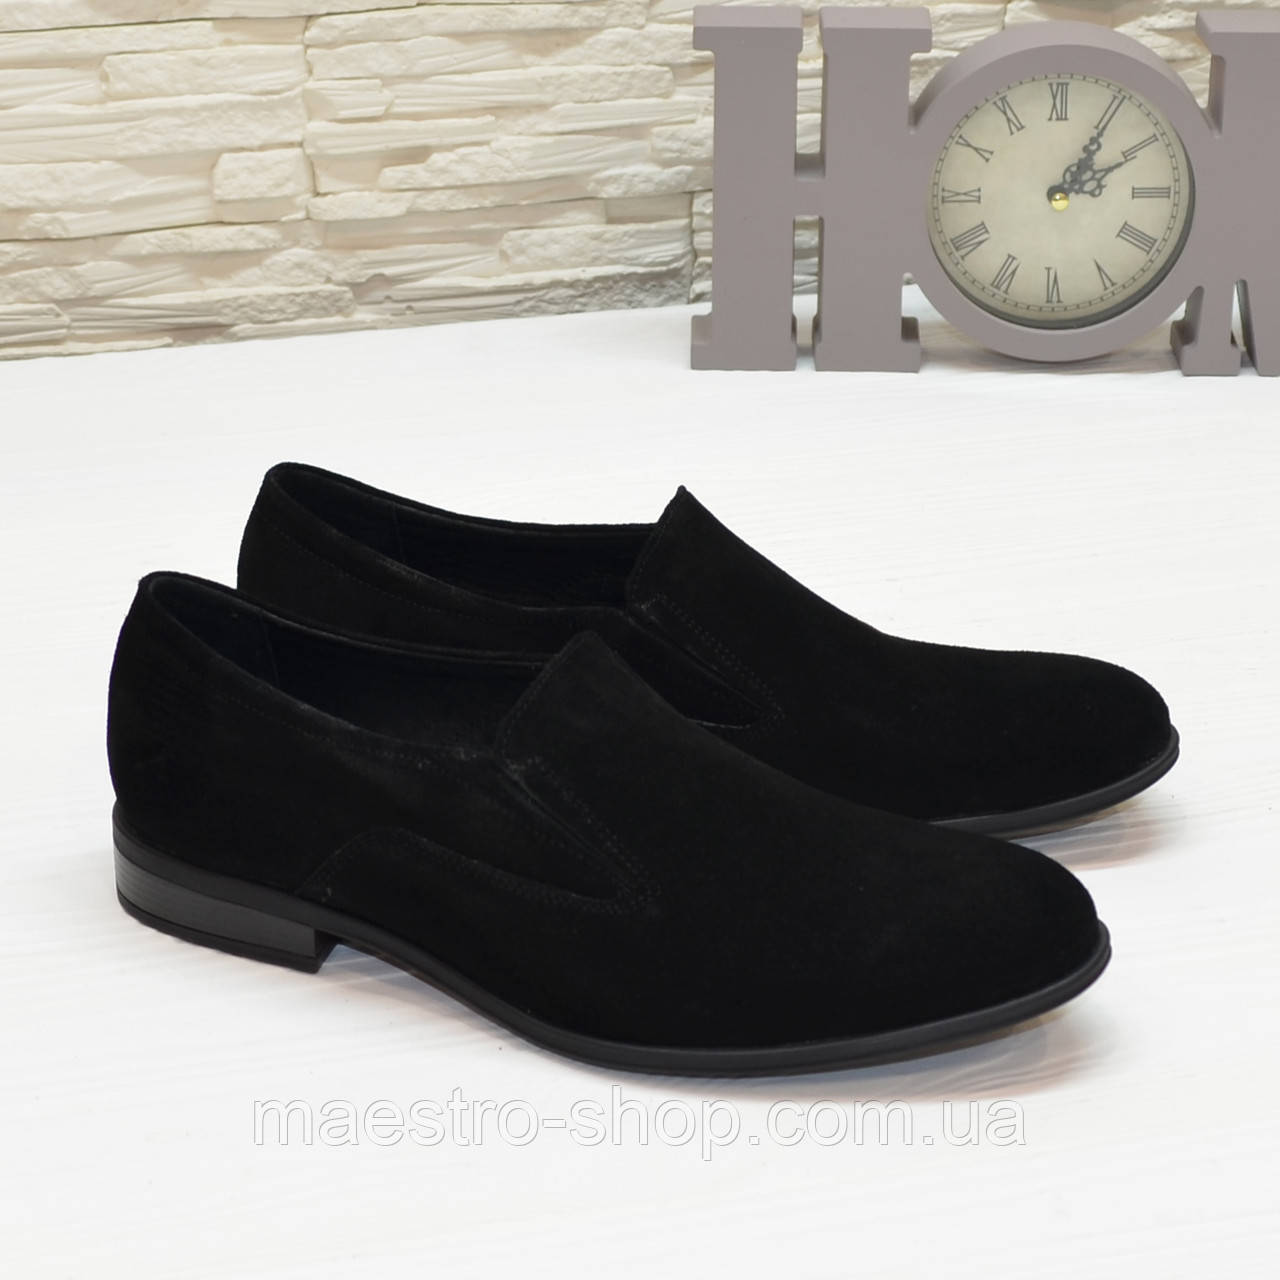 Туфли мужские классические, из натурального черного замша